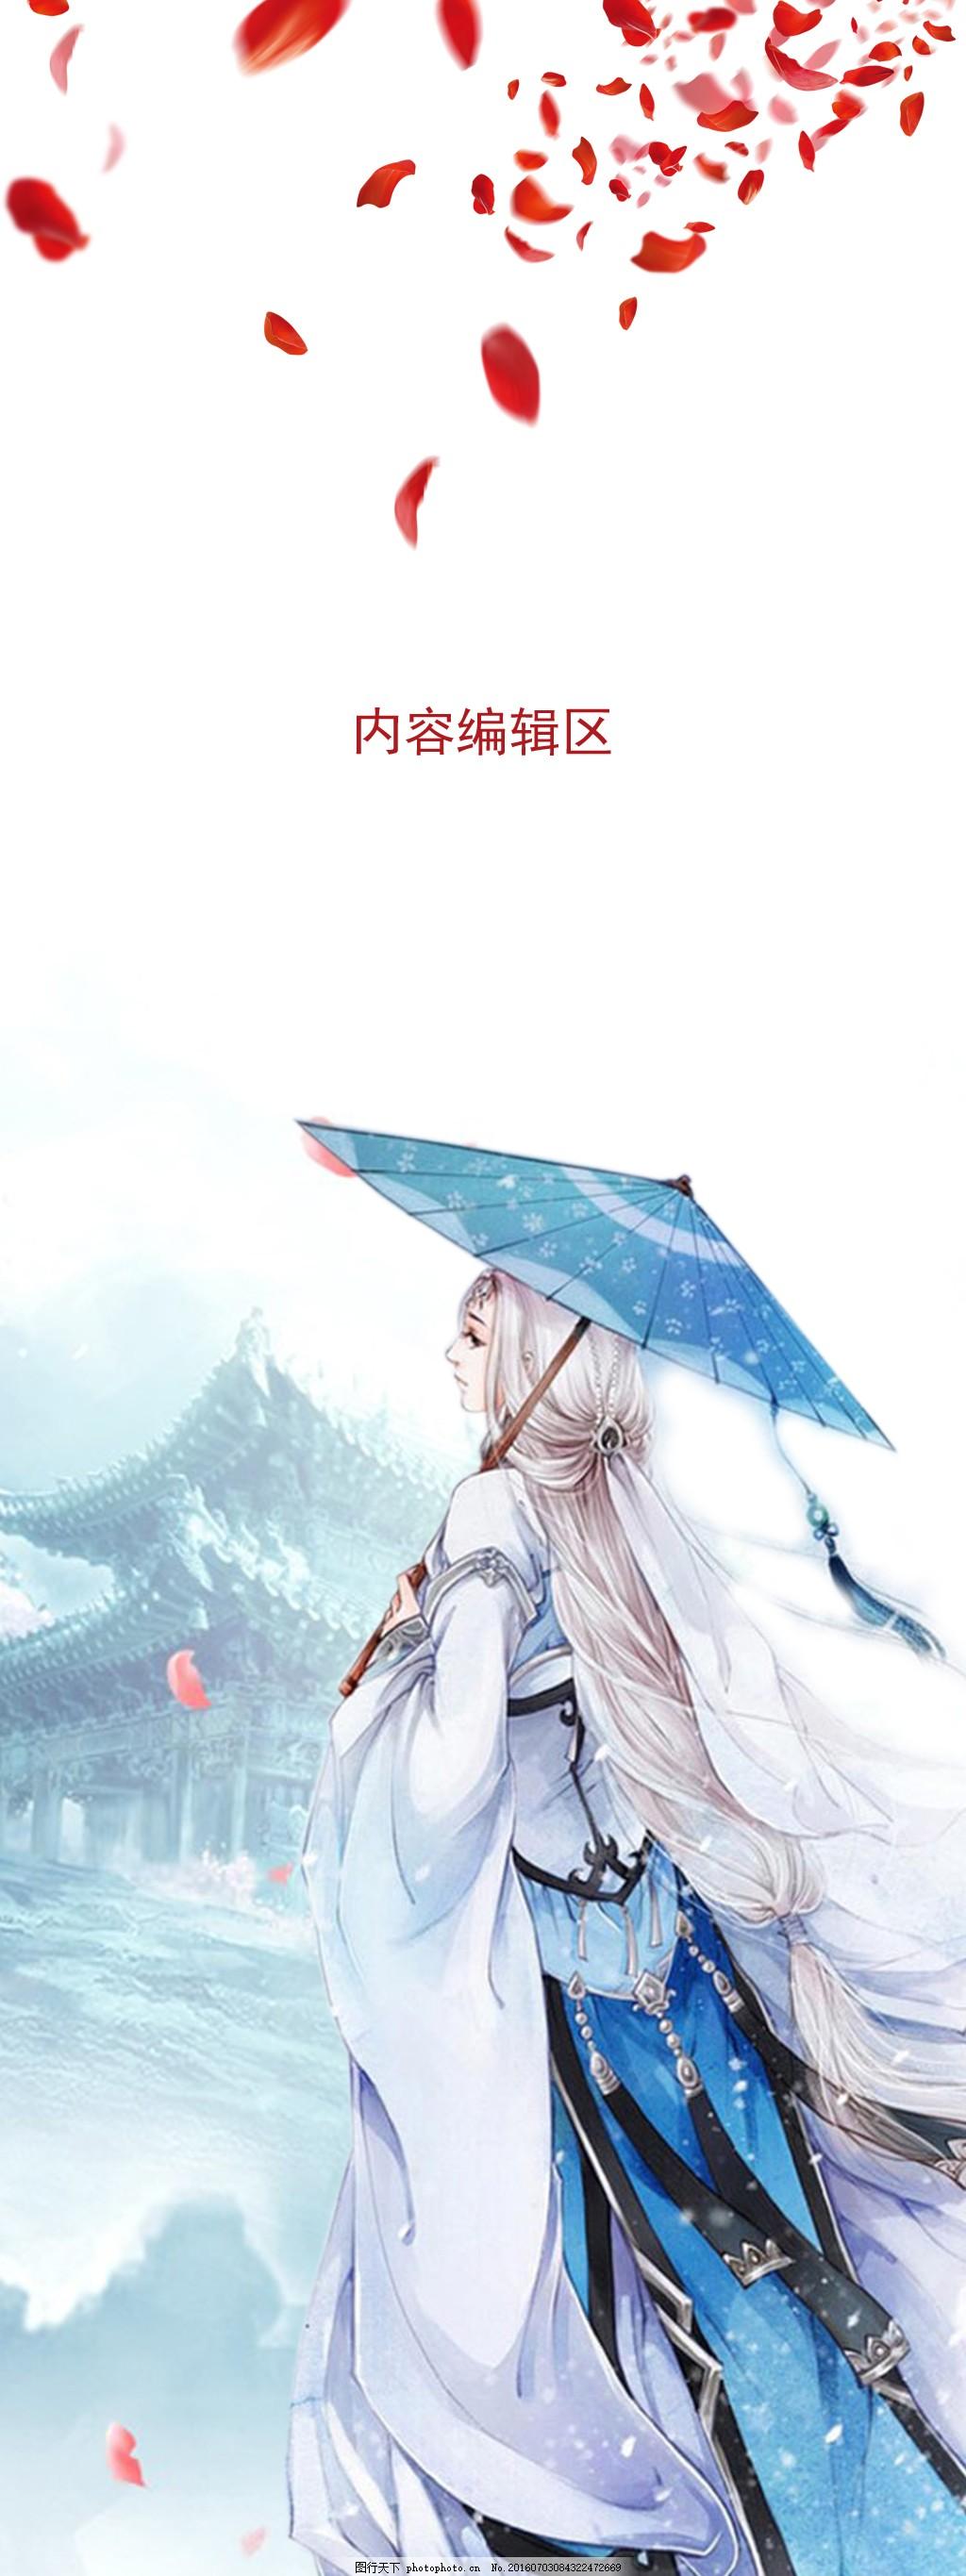 古风精美展架设计模板海报画面 中国风 古风人物 唯美人物 古典人物